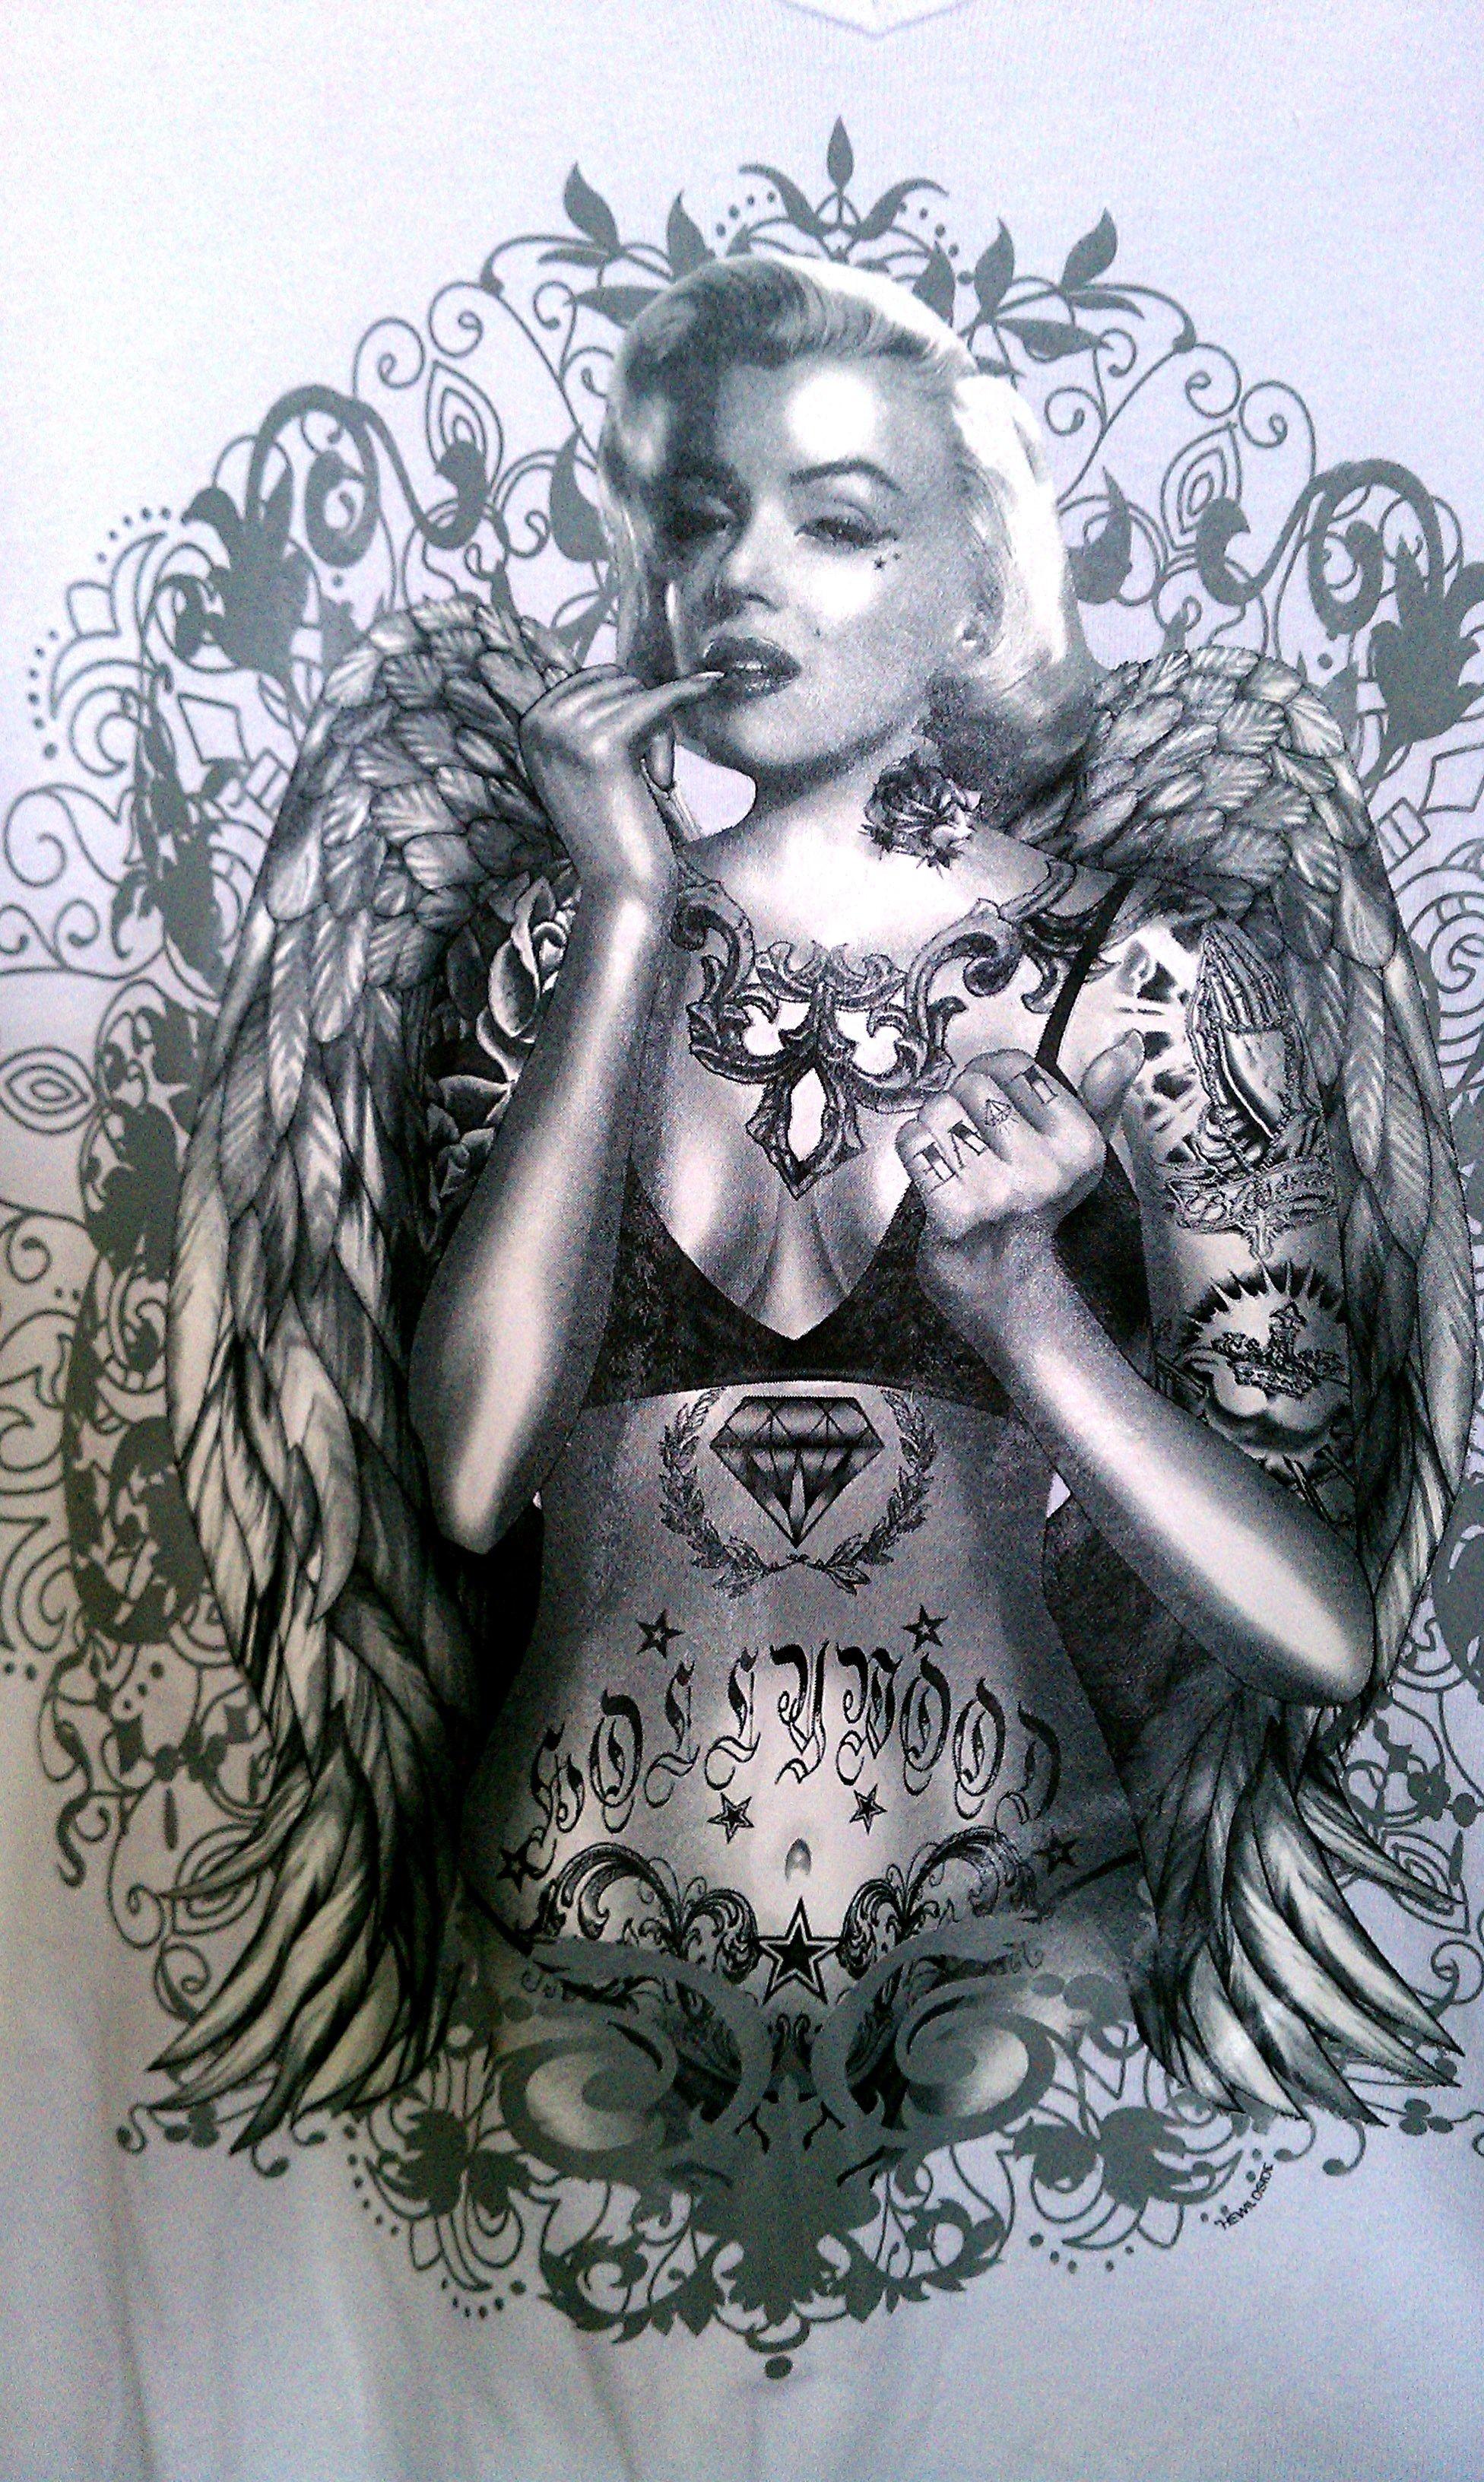 Tattooed Marilyn Monroe Wallpaper (63+